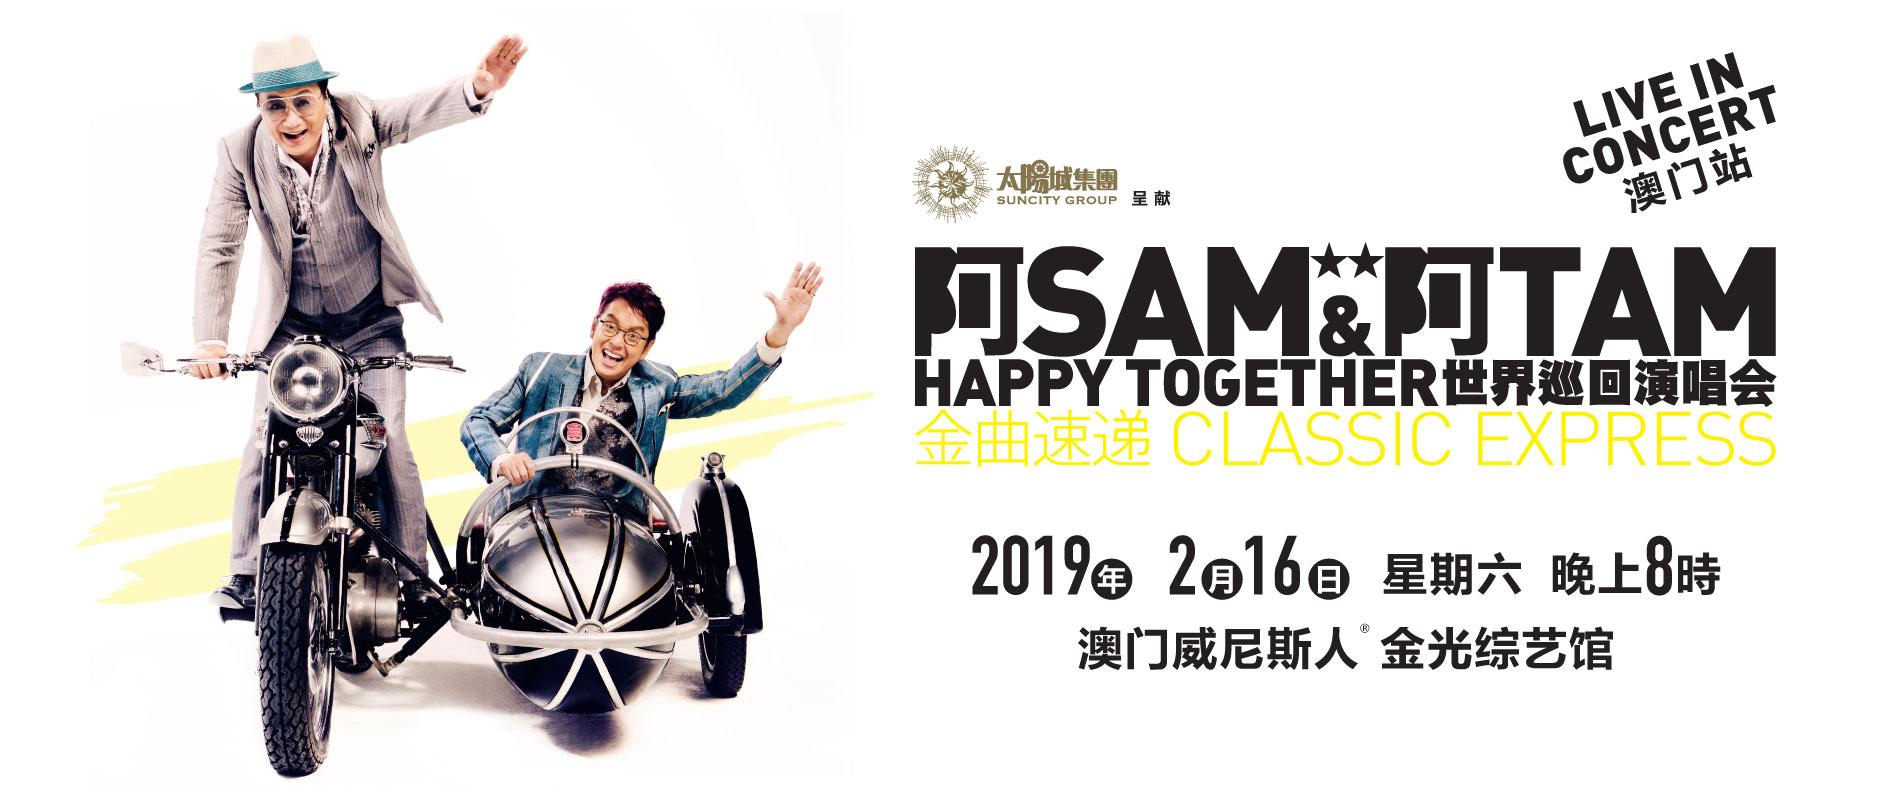 《阿SAM & 阿TAM HAPPY TOGETHER 世界巡回演唱会》- 澳门威尼斯人金光综艺馆